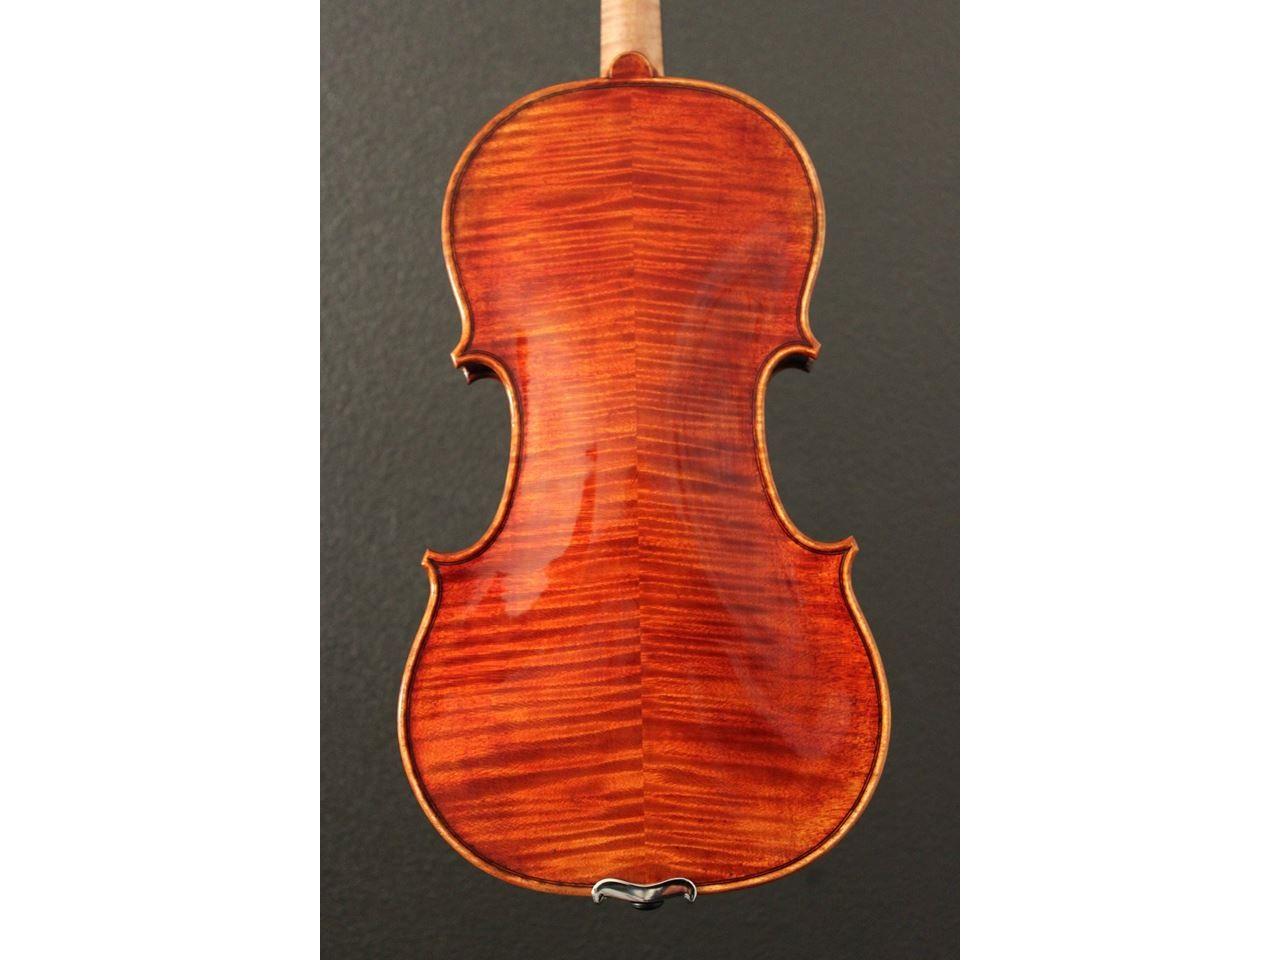 Mark Moreland Back of instrument